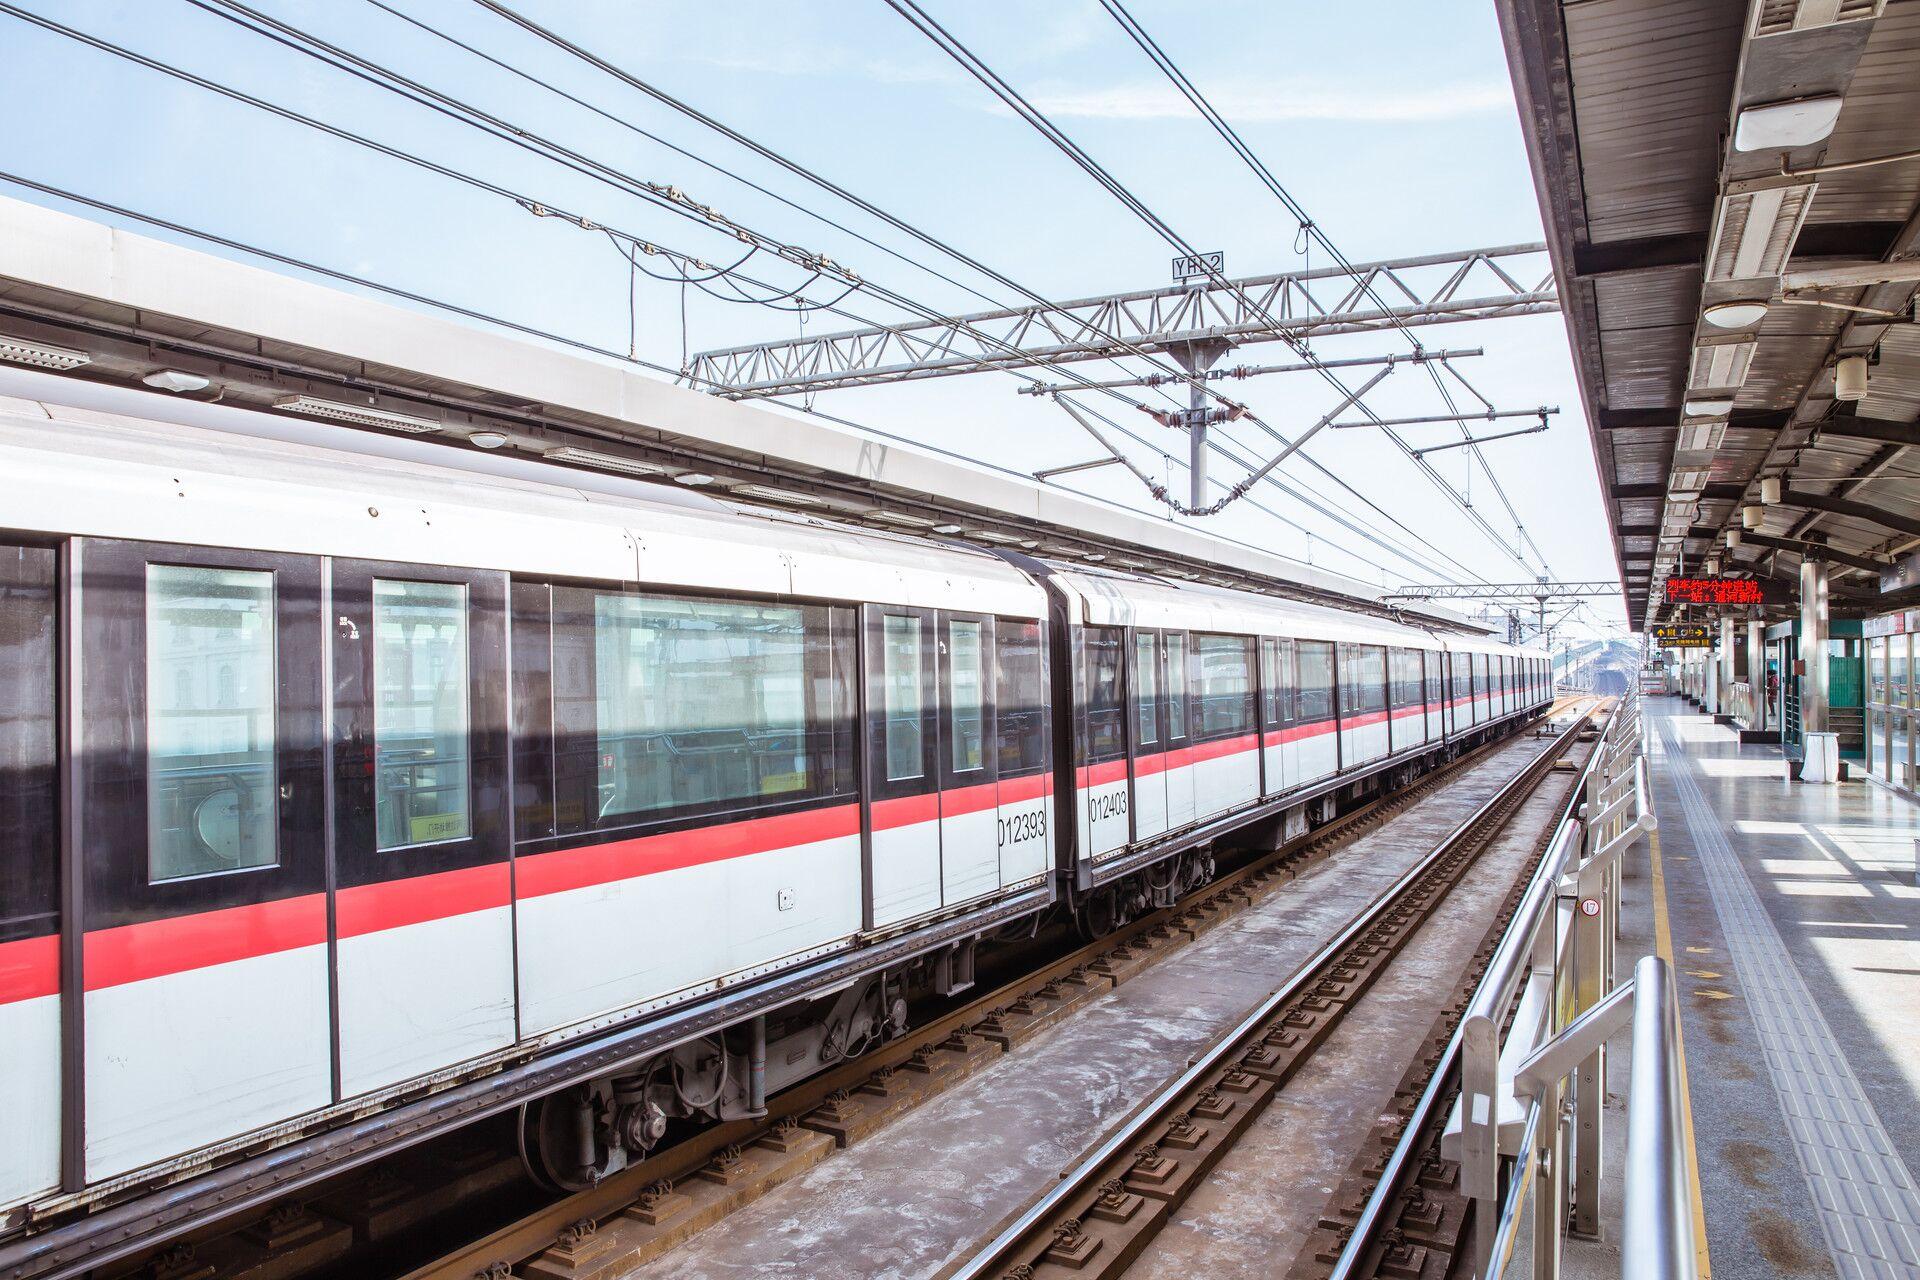 一波地铁好消息来袭!4条规划线路新站点出炉,7号线西延段进度加快!